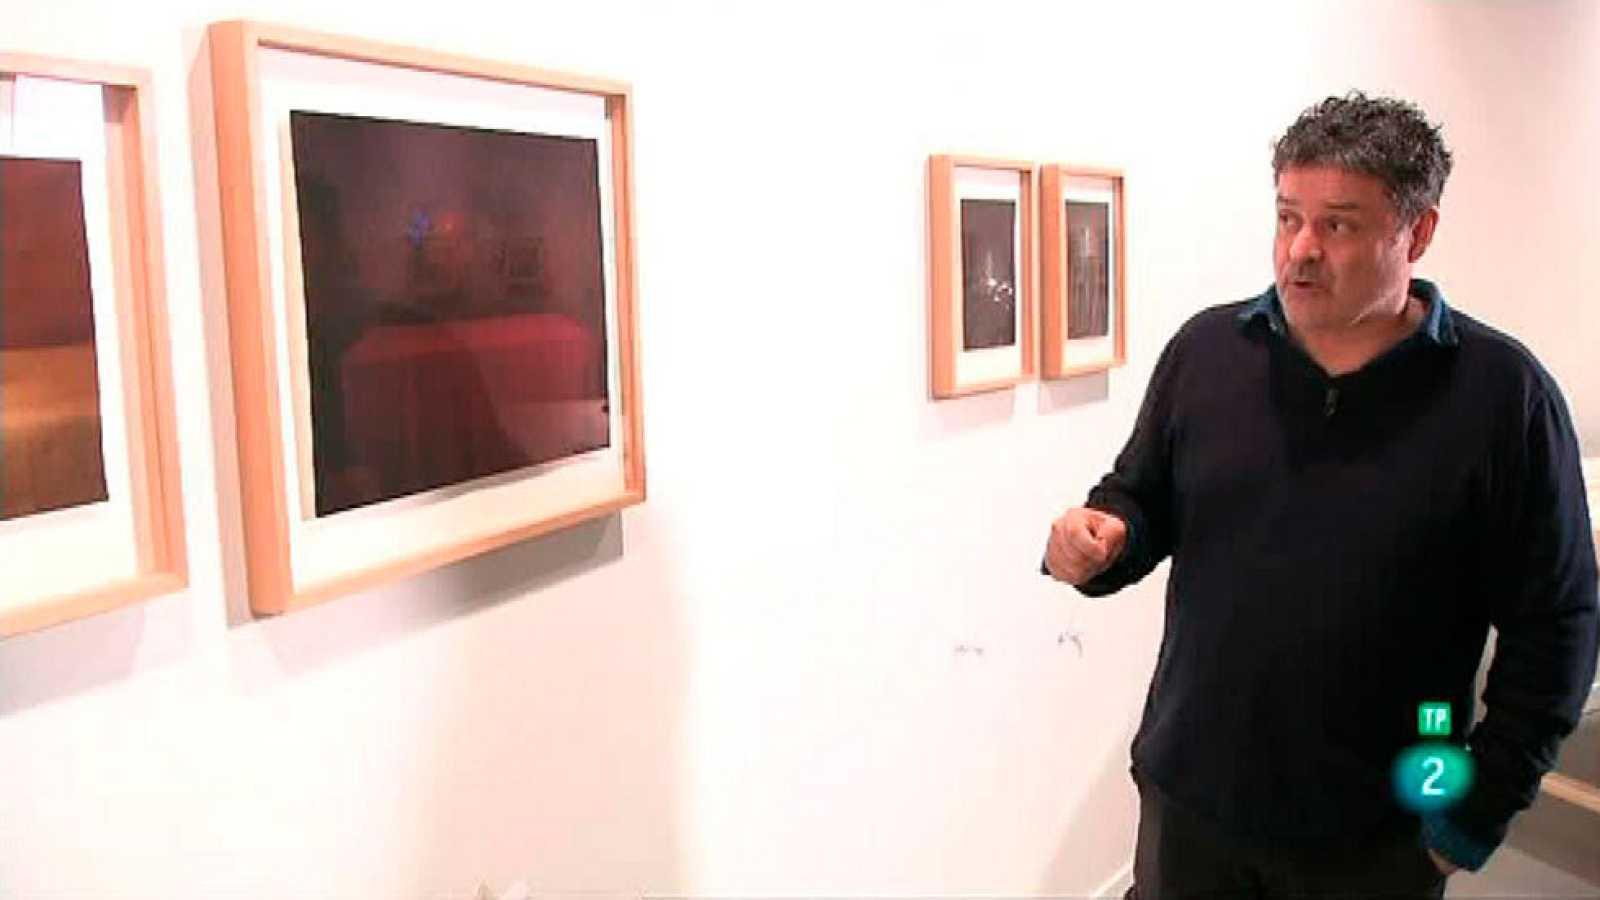 Atención obras - Tony Catany en la sala Canal